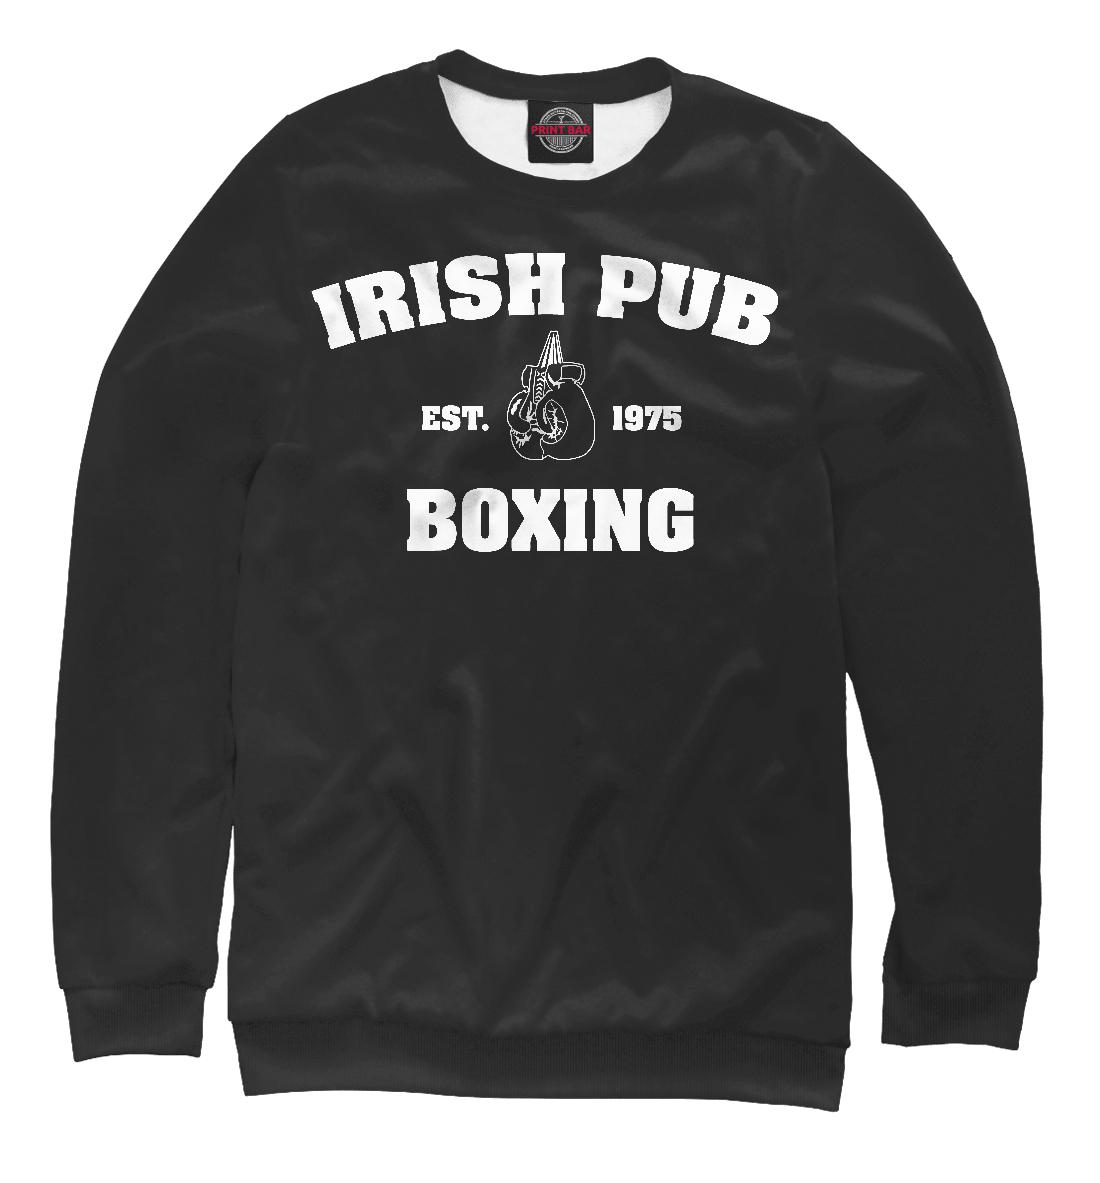 Купить Irish Pub Boxing, Printbar, Свитшоты, EDI-526090-swi-2